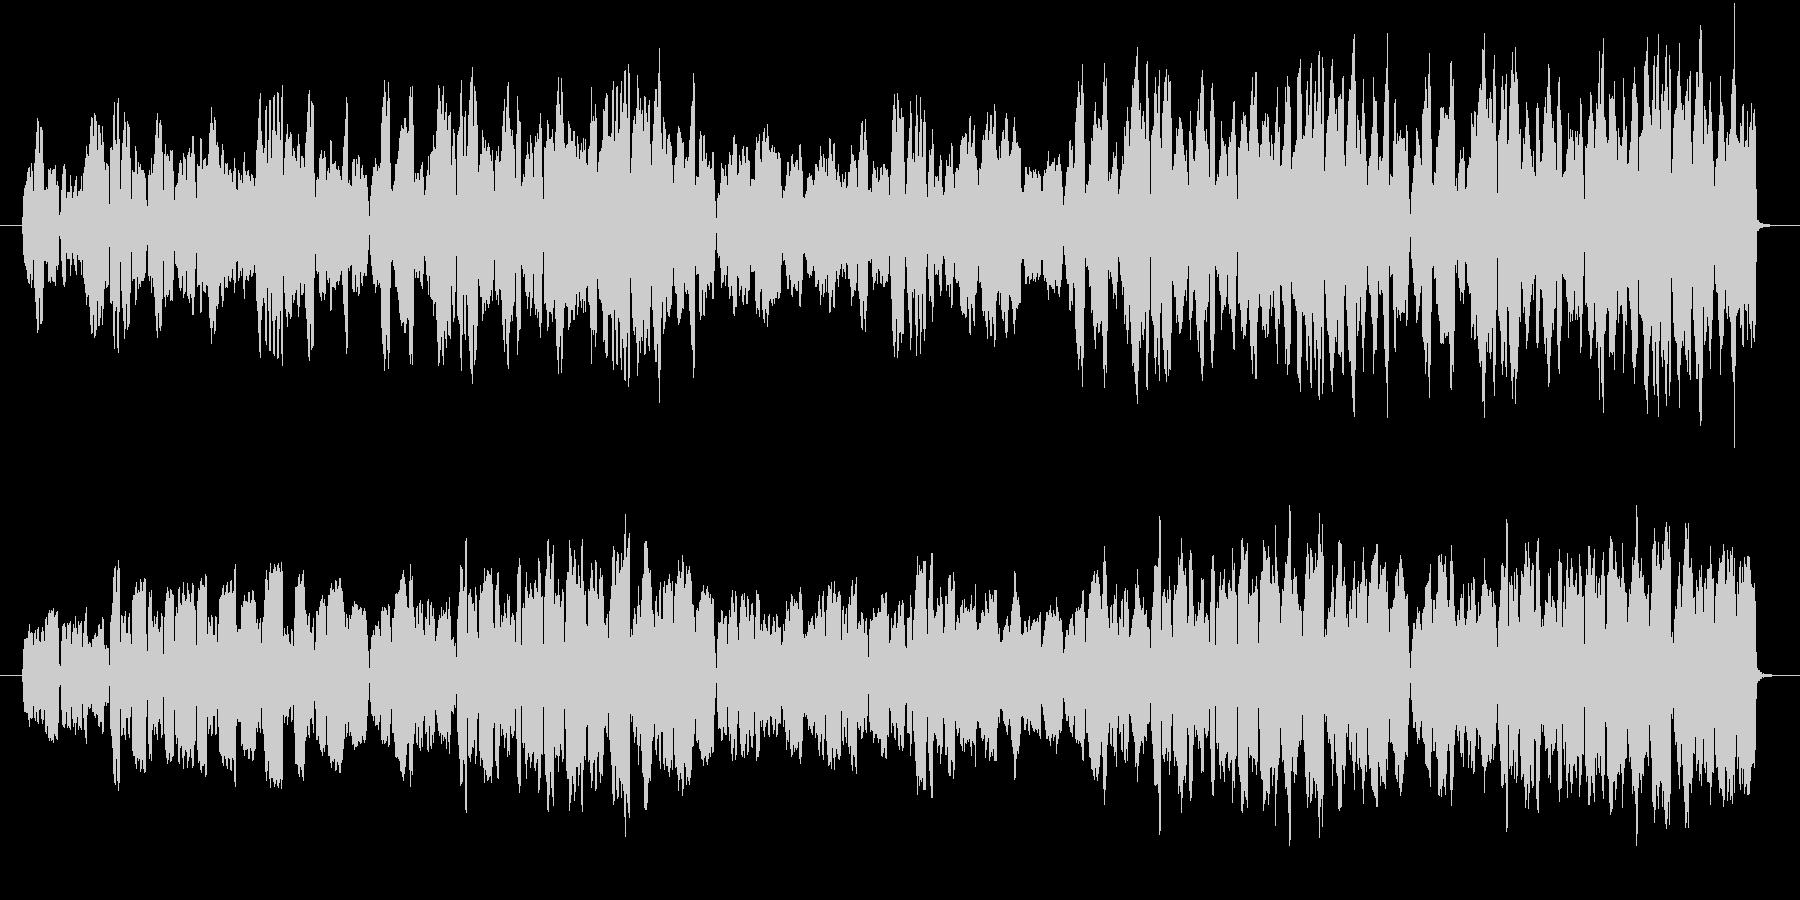 音色フルートのみでゆったりとした曲の未再生の波形